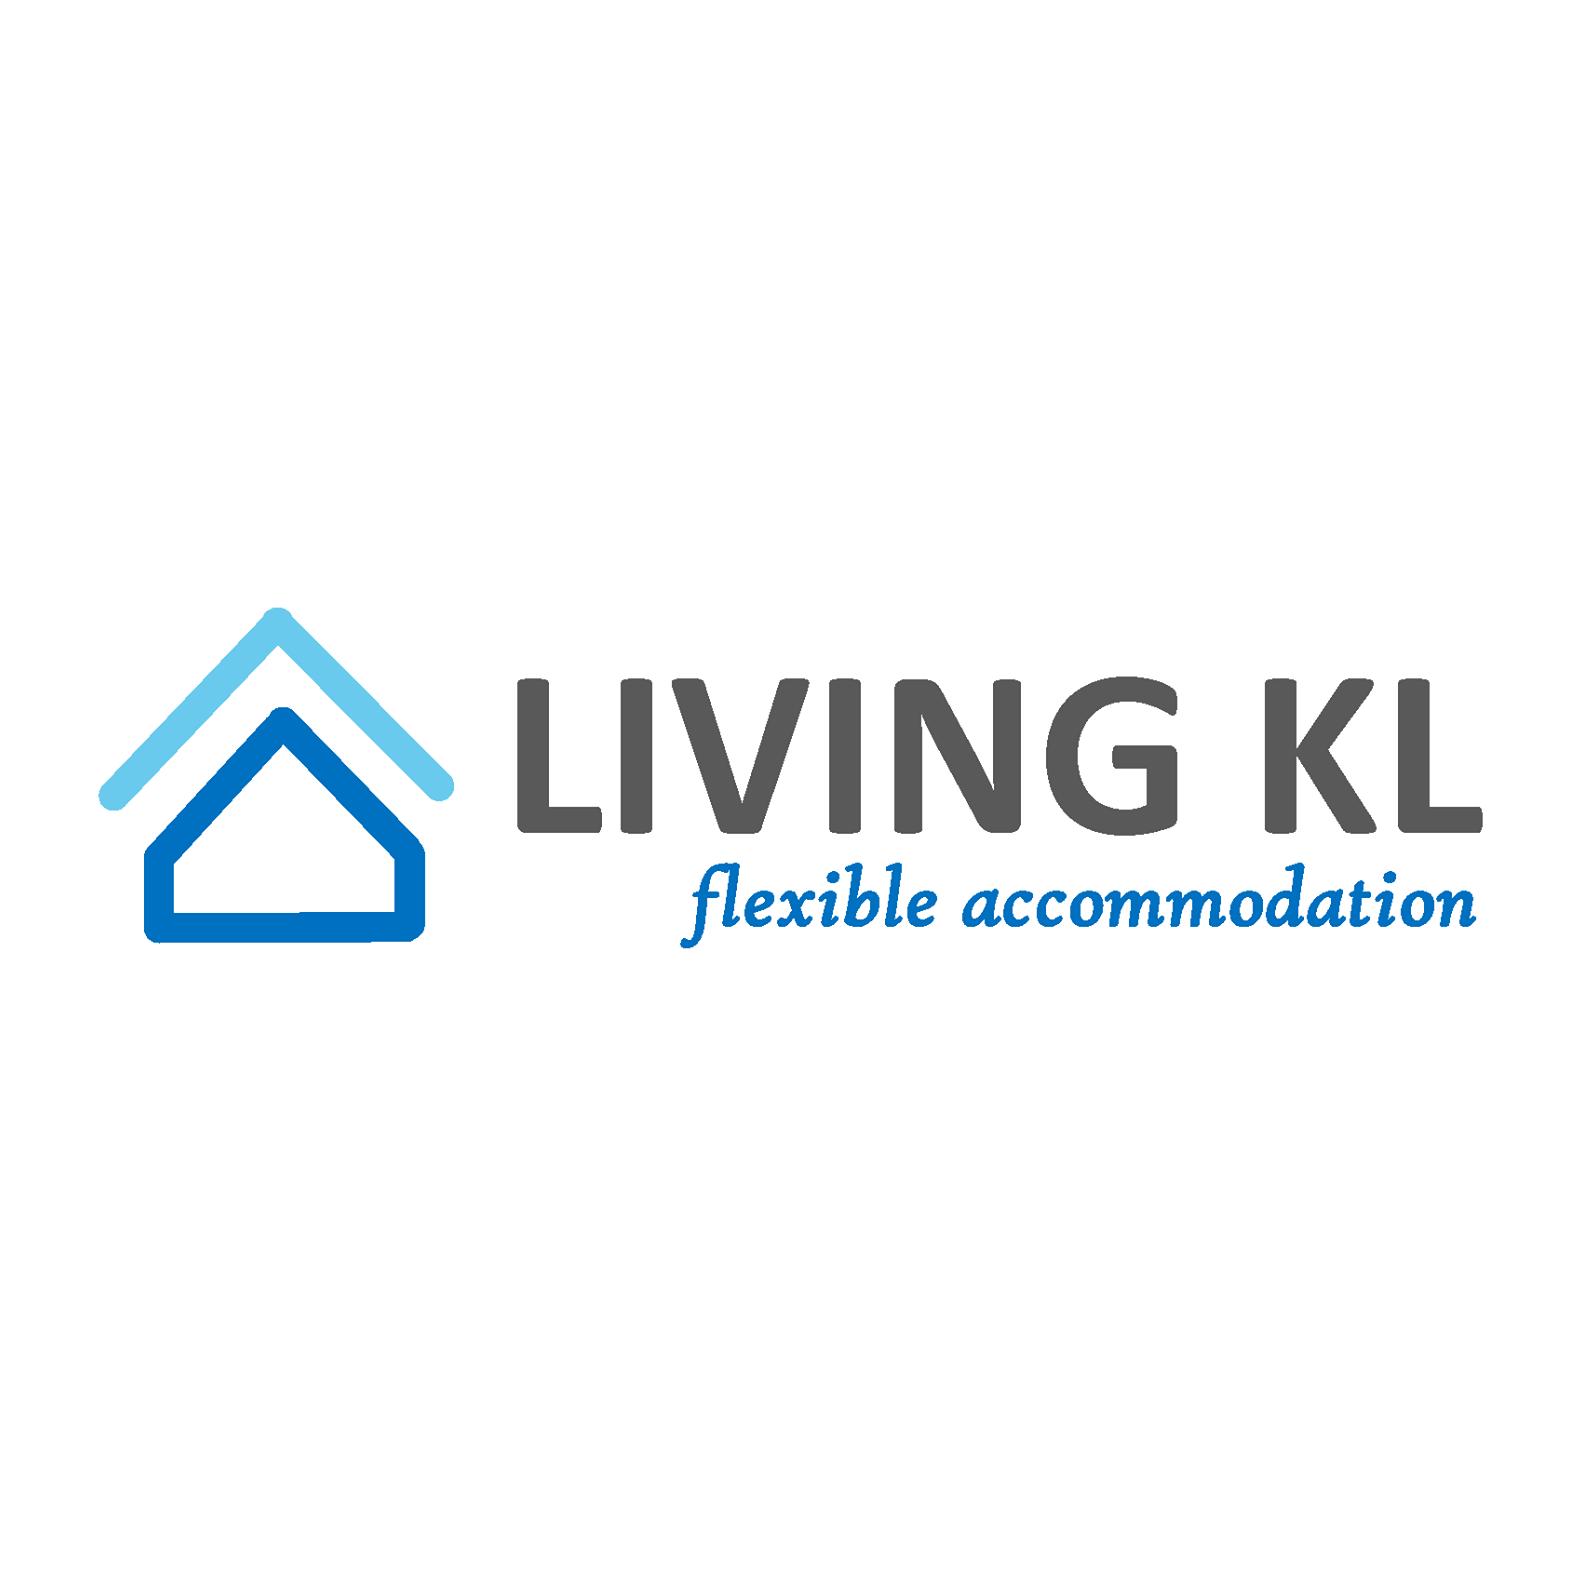 Living KL